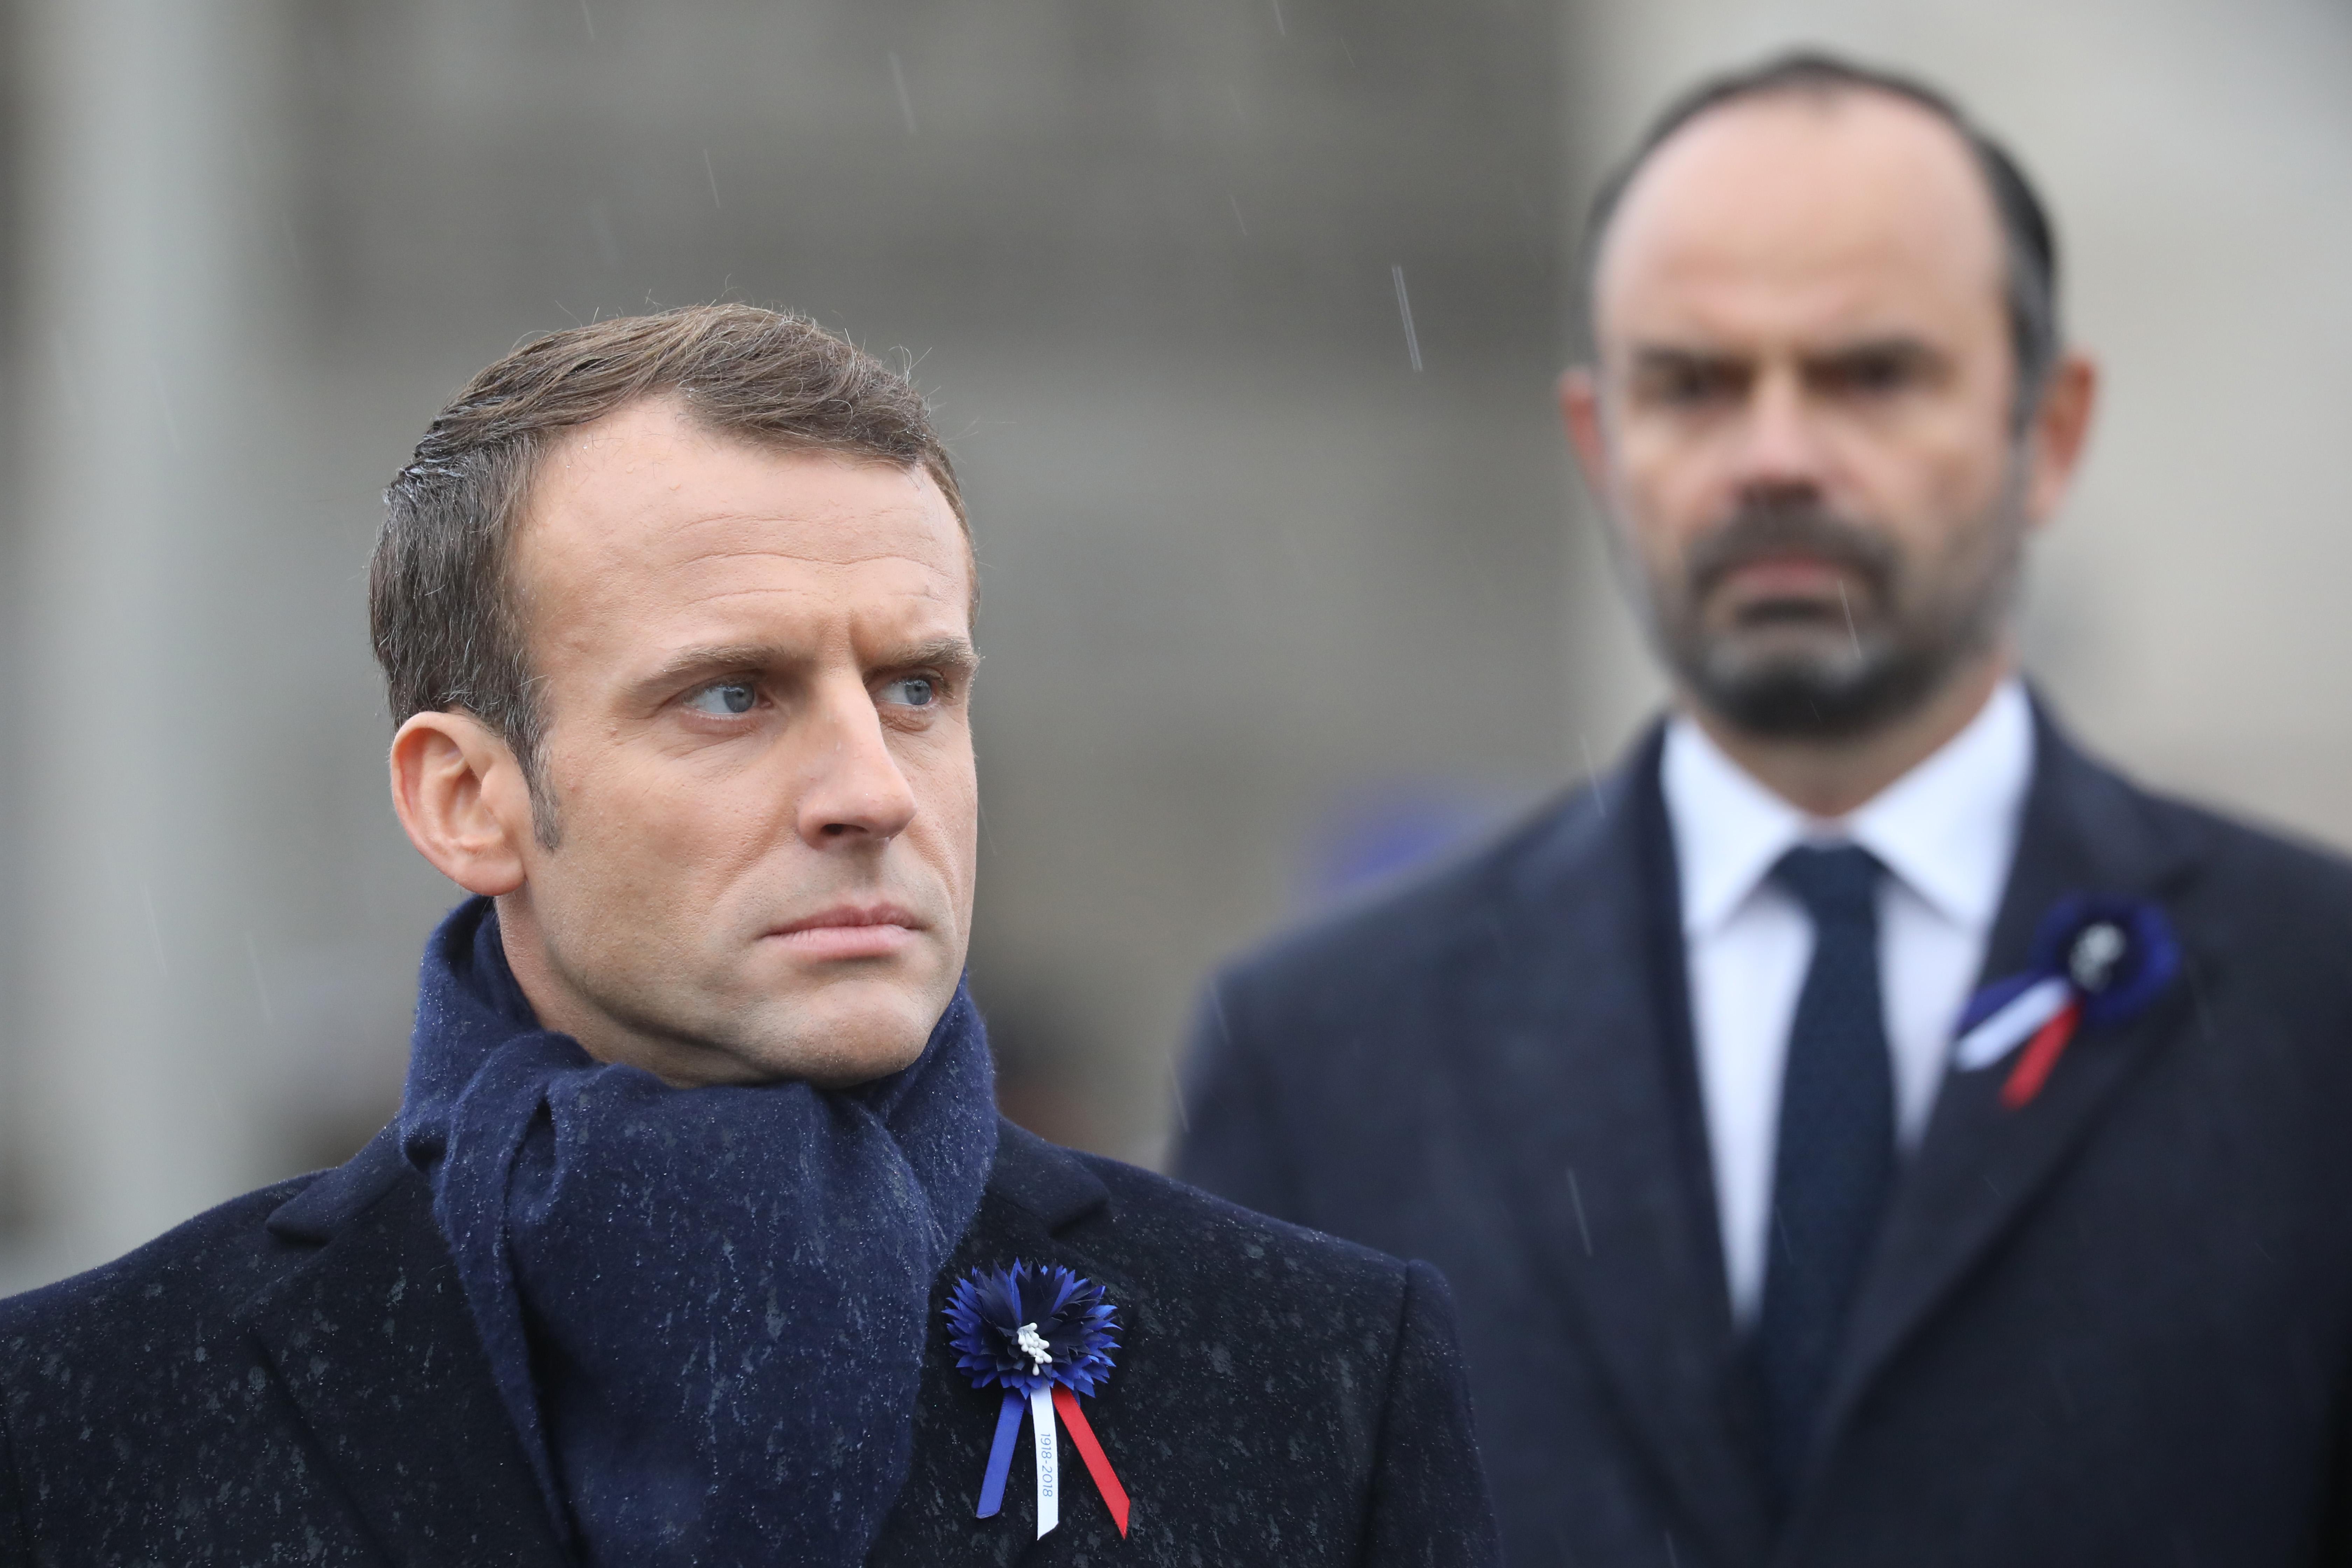 Emmanuel Macron úgy véli, részben felelős azért, hogy idáig fajult a helyzet Franciaországban